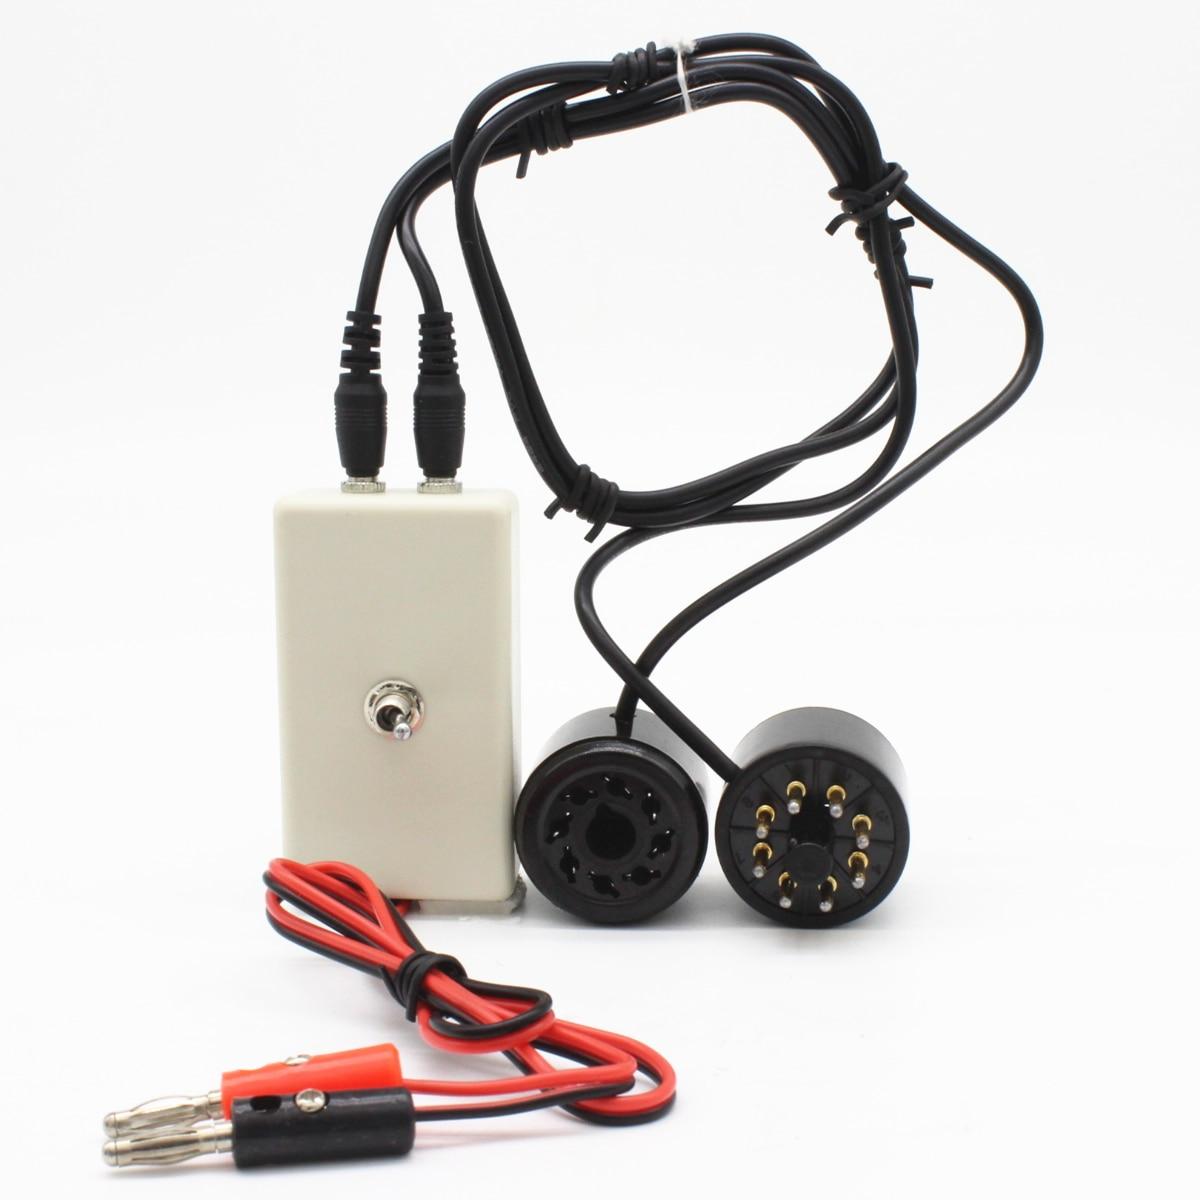 EL34 KT88 6L6 6CA7 6V6 5881 6550 KT66 KT100 KT120 tubo de vacío de amplificador de corriente herramienta Radio preamplificador mA versión T6